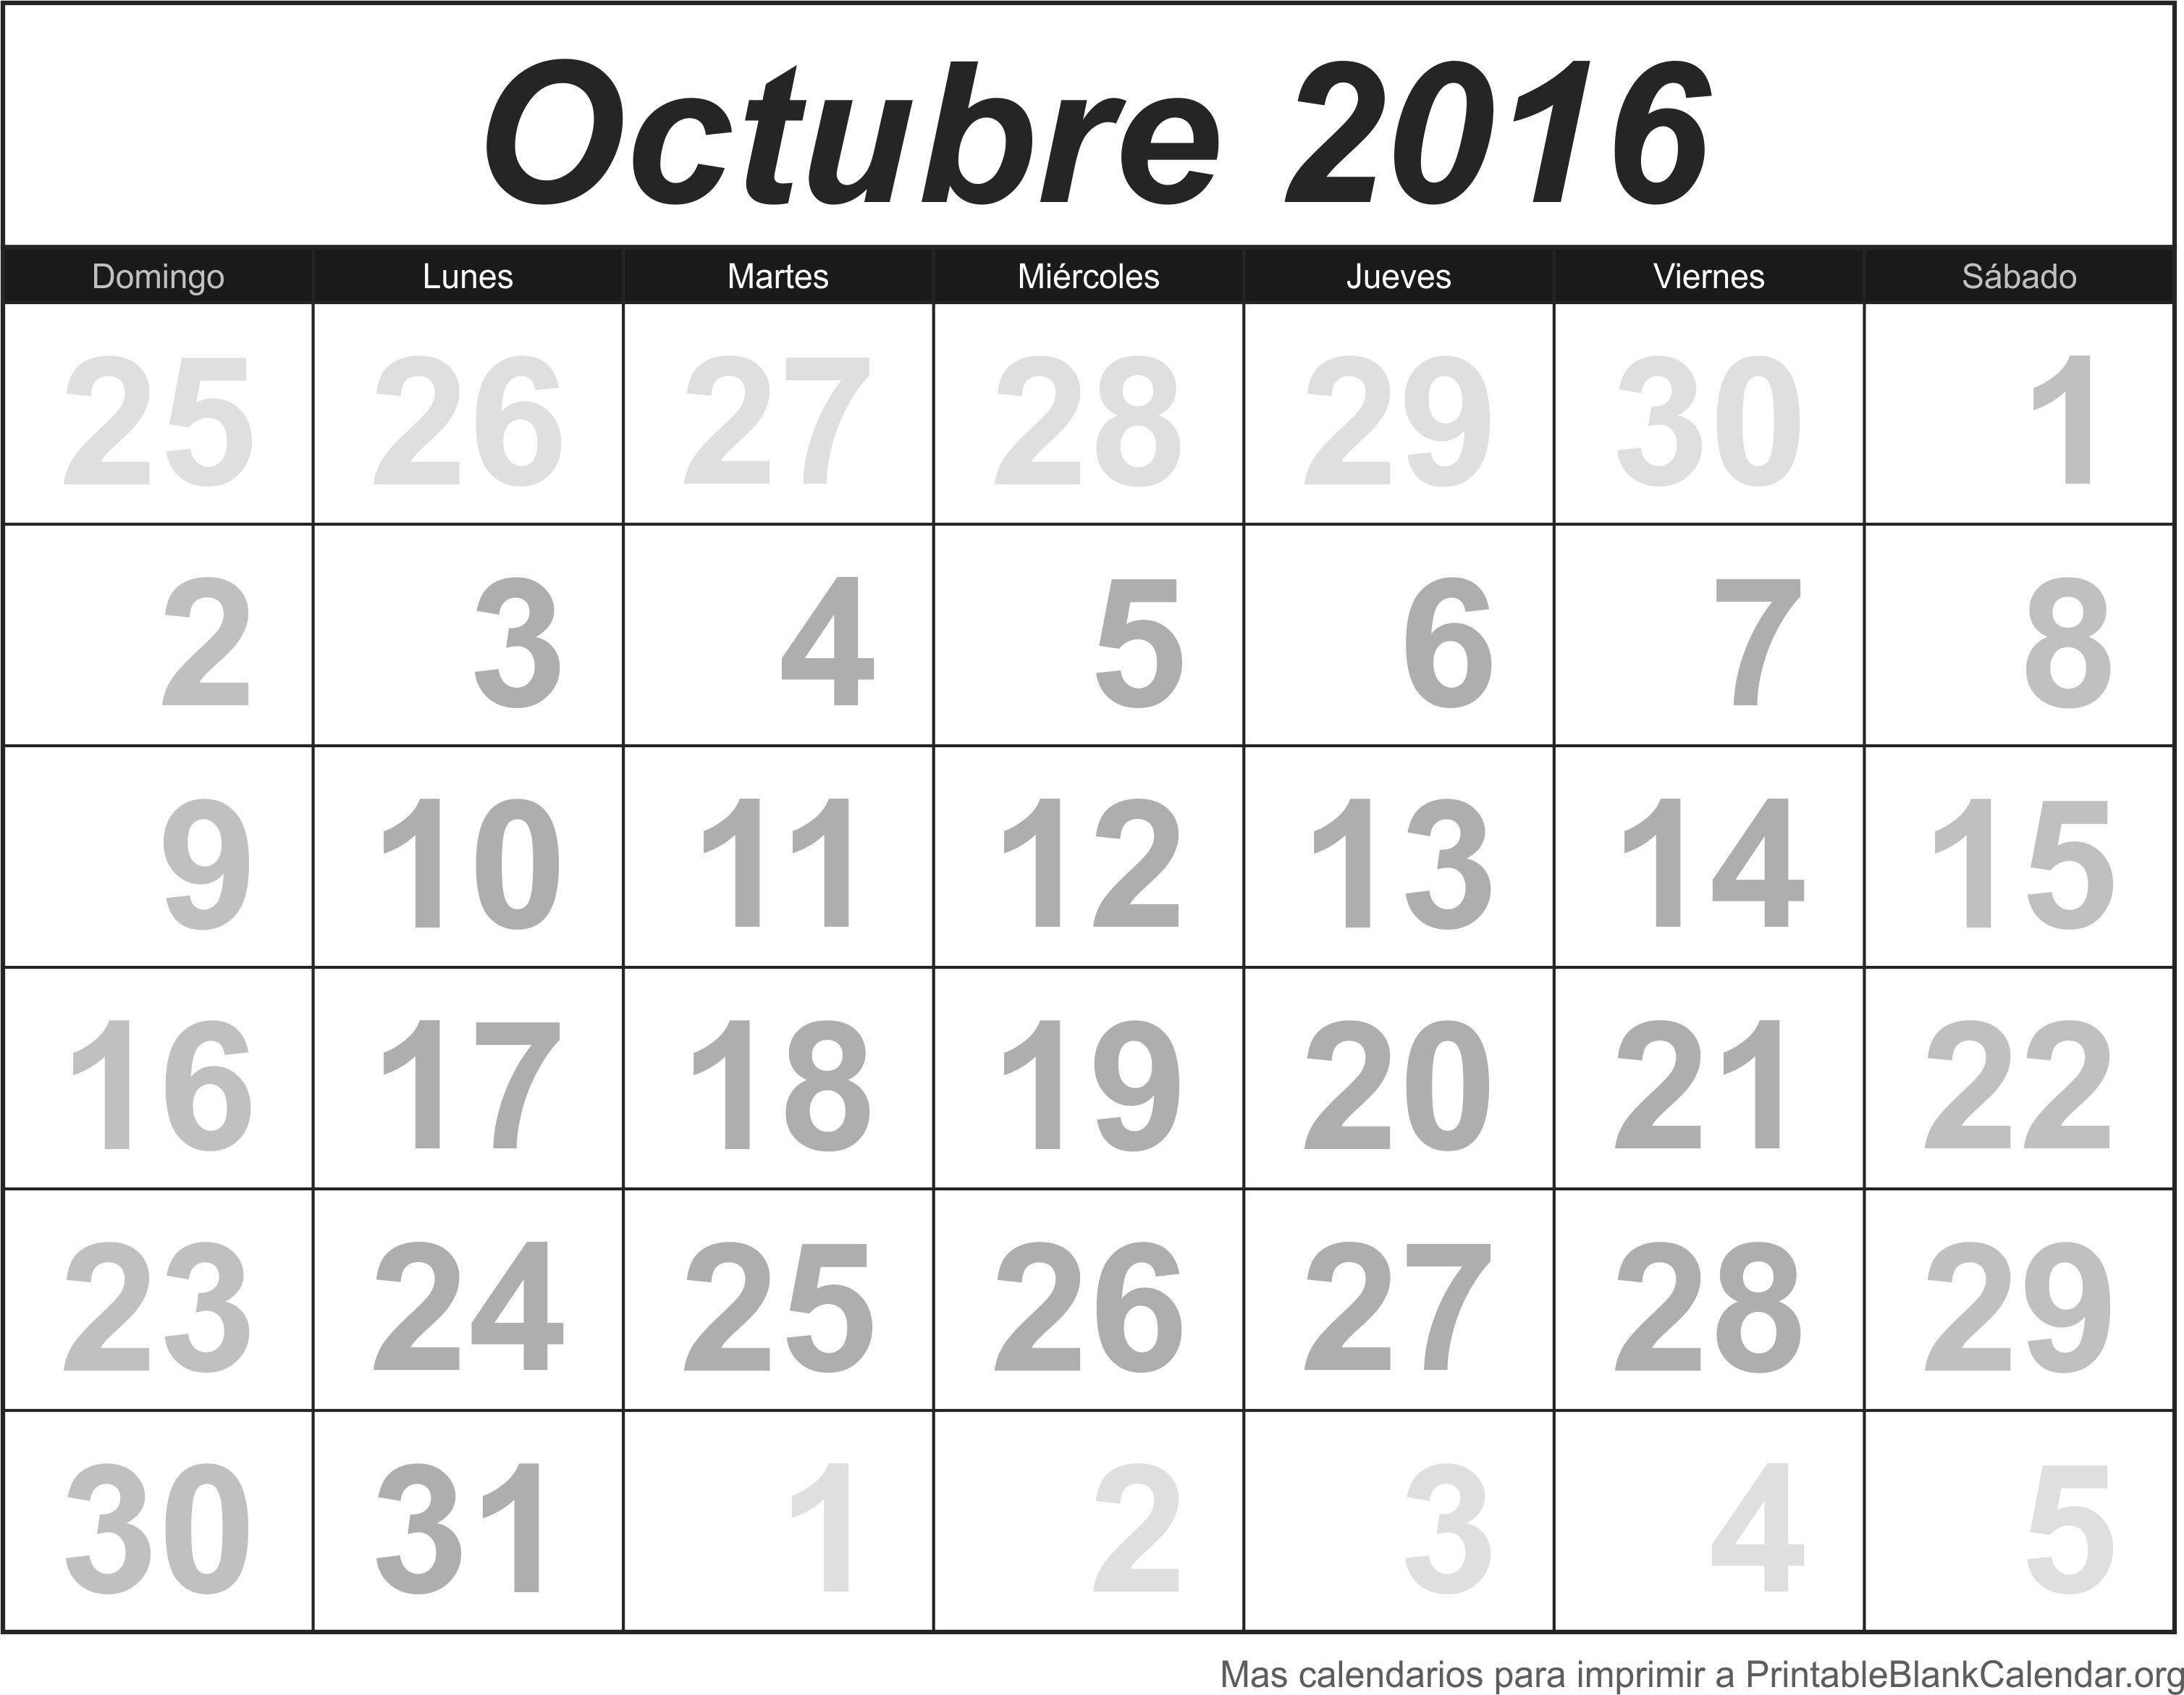 Calendario mes octubre excellent calendario octubre for Calendario lunar de octubre 2016